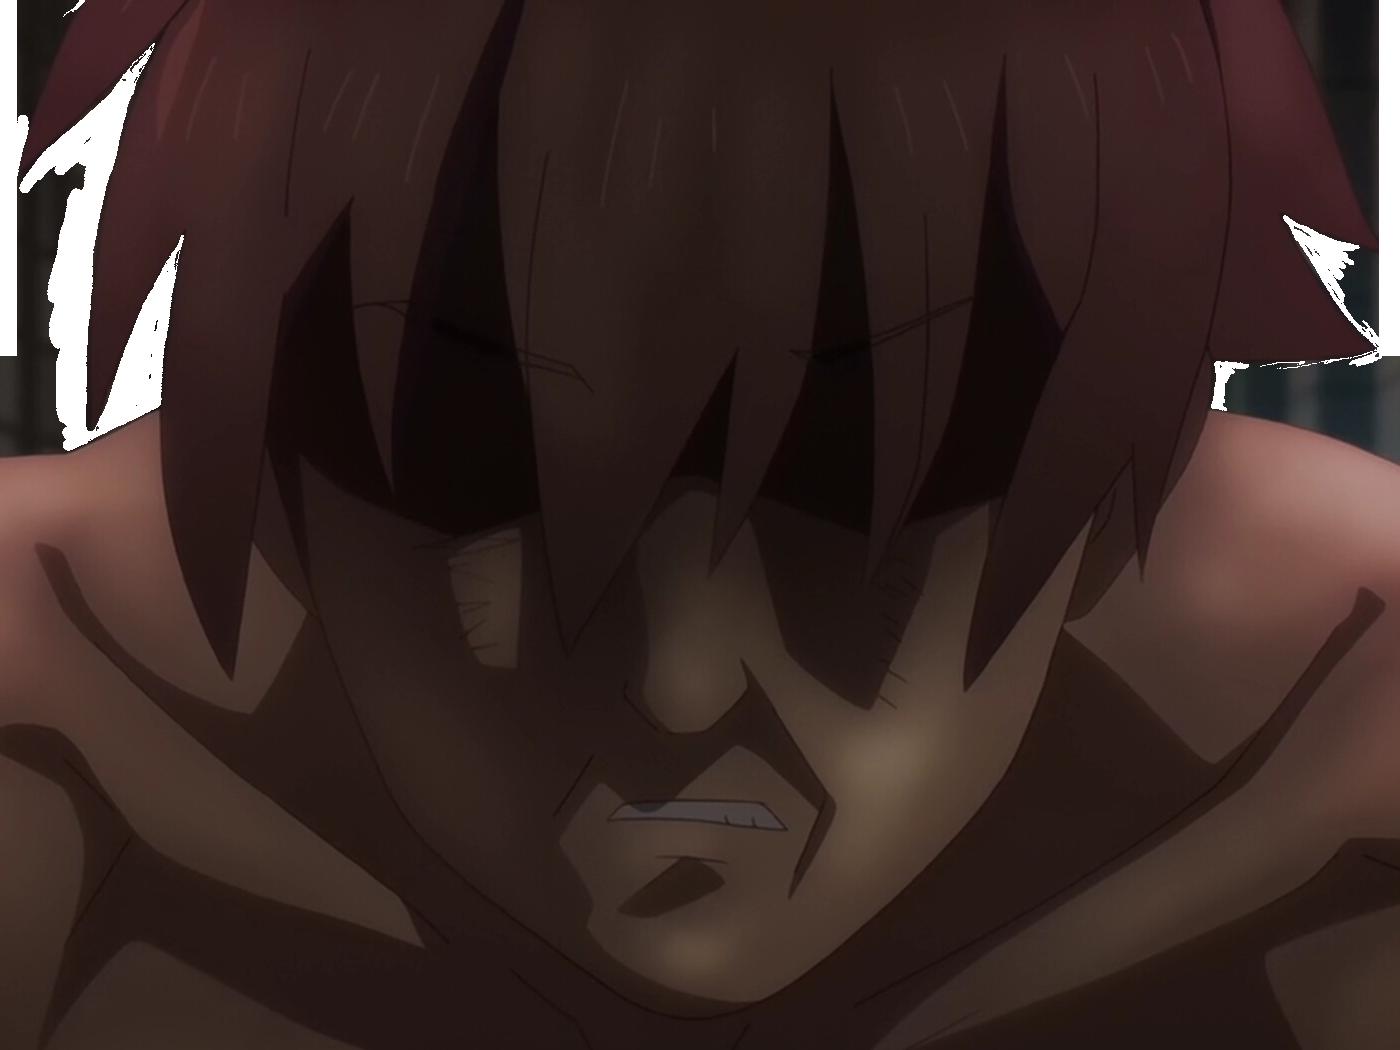 Sticker kikoojap anime konosuba subarashii sekai ni shukufuku wokazuma satou colere enerver